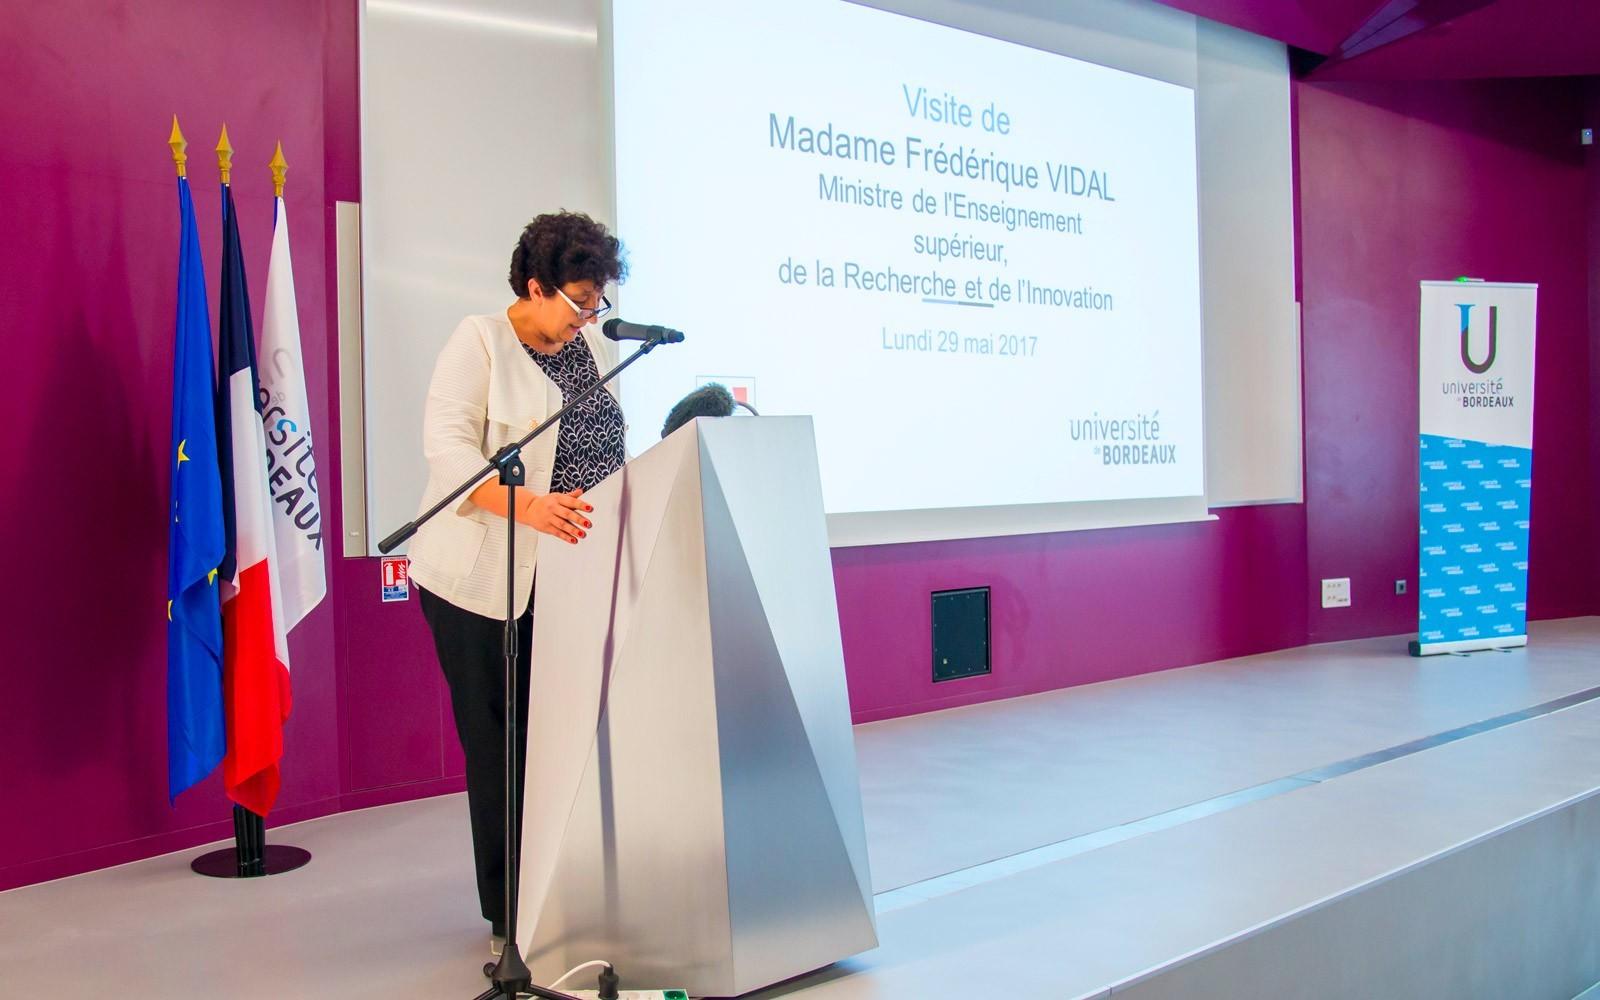 Frédérique Vidal - Visite Bordeaux Neurocampus